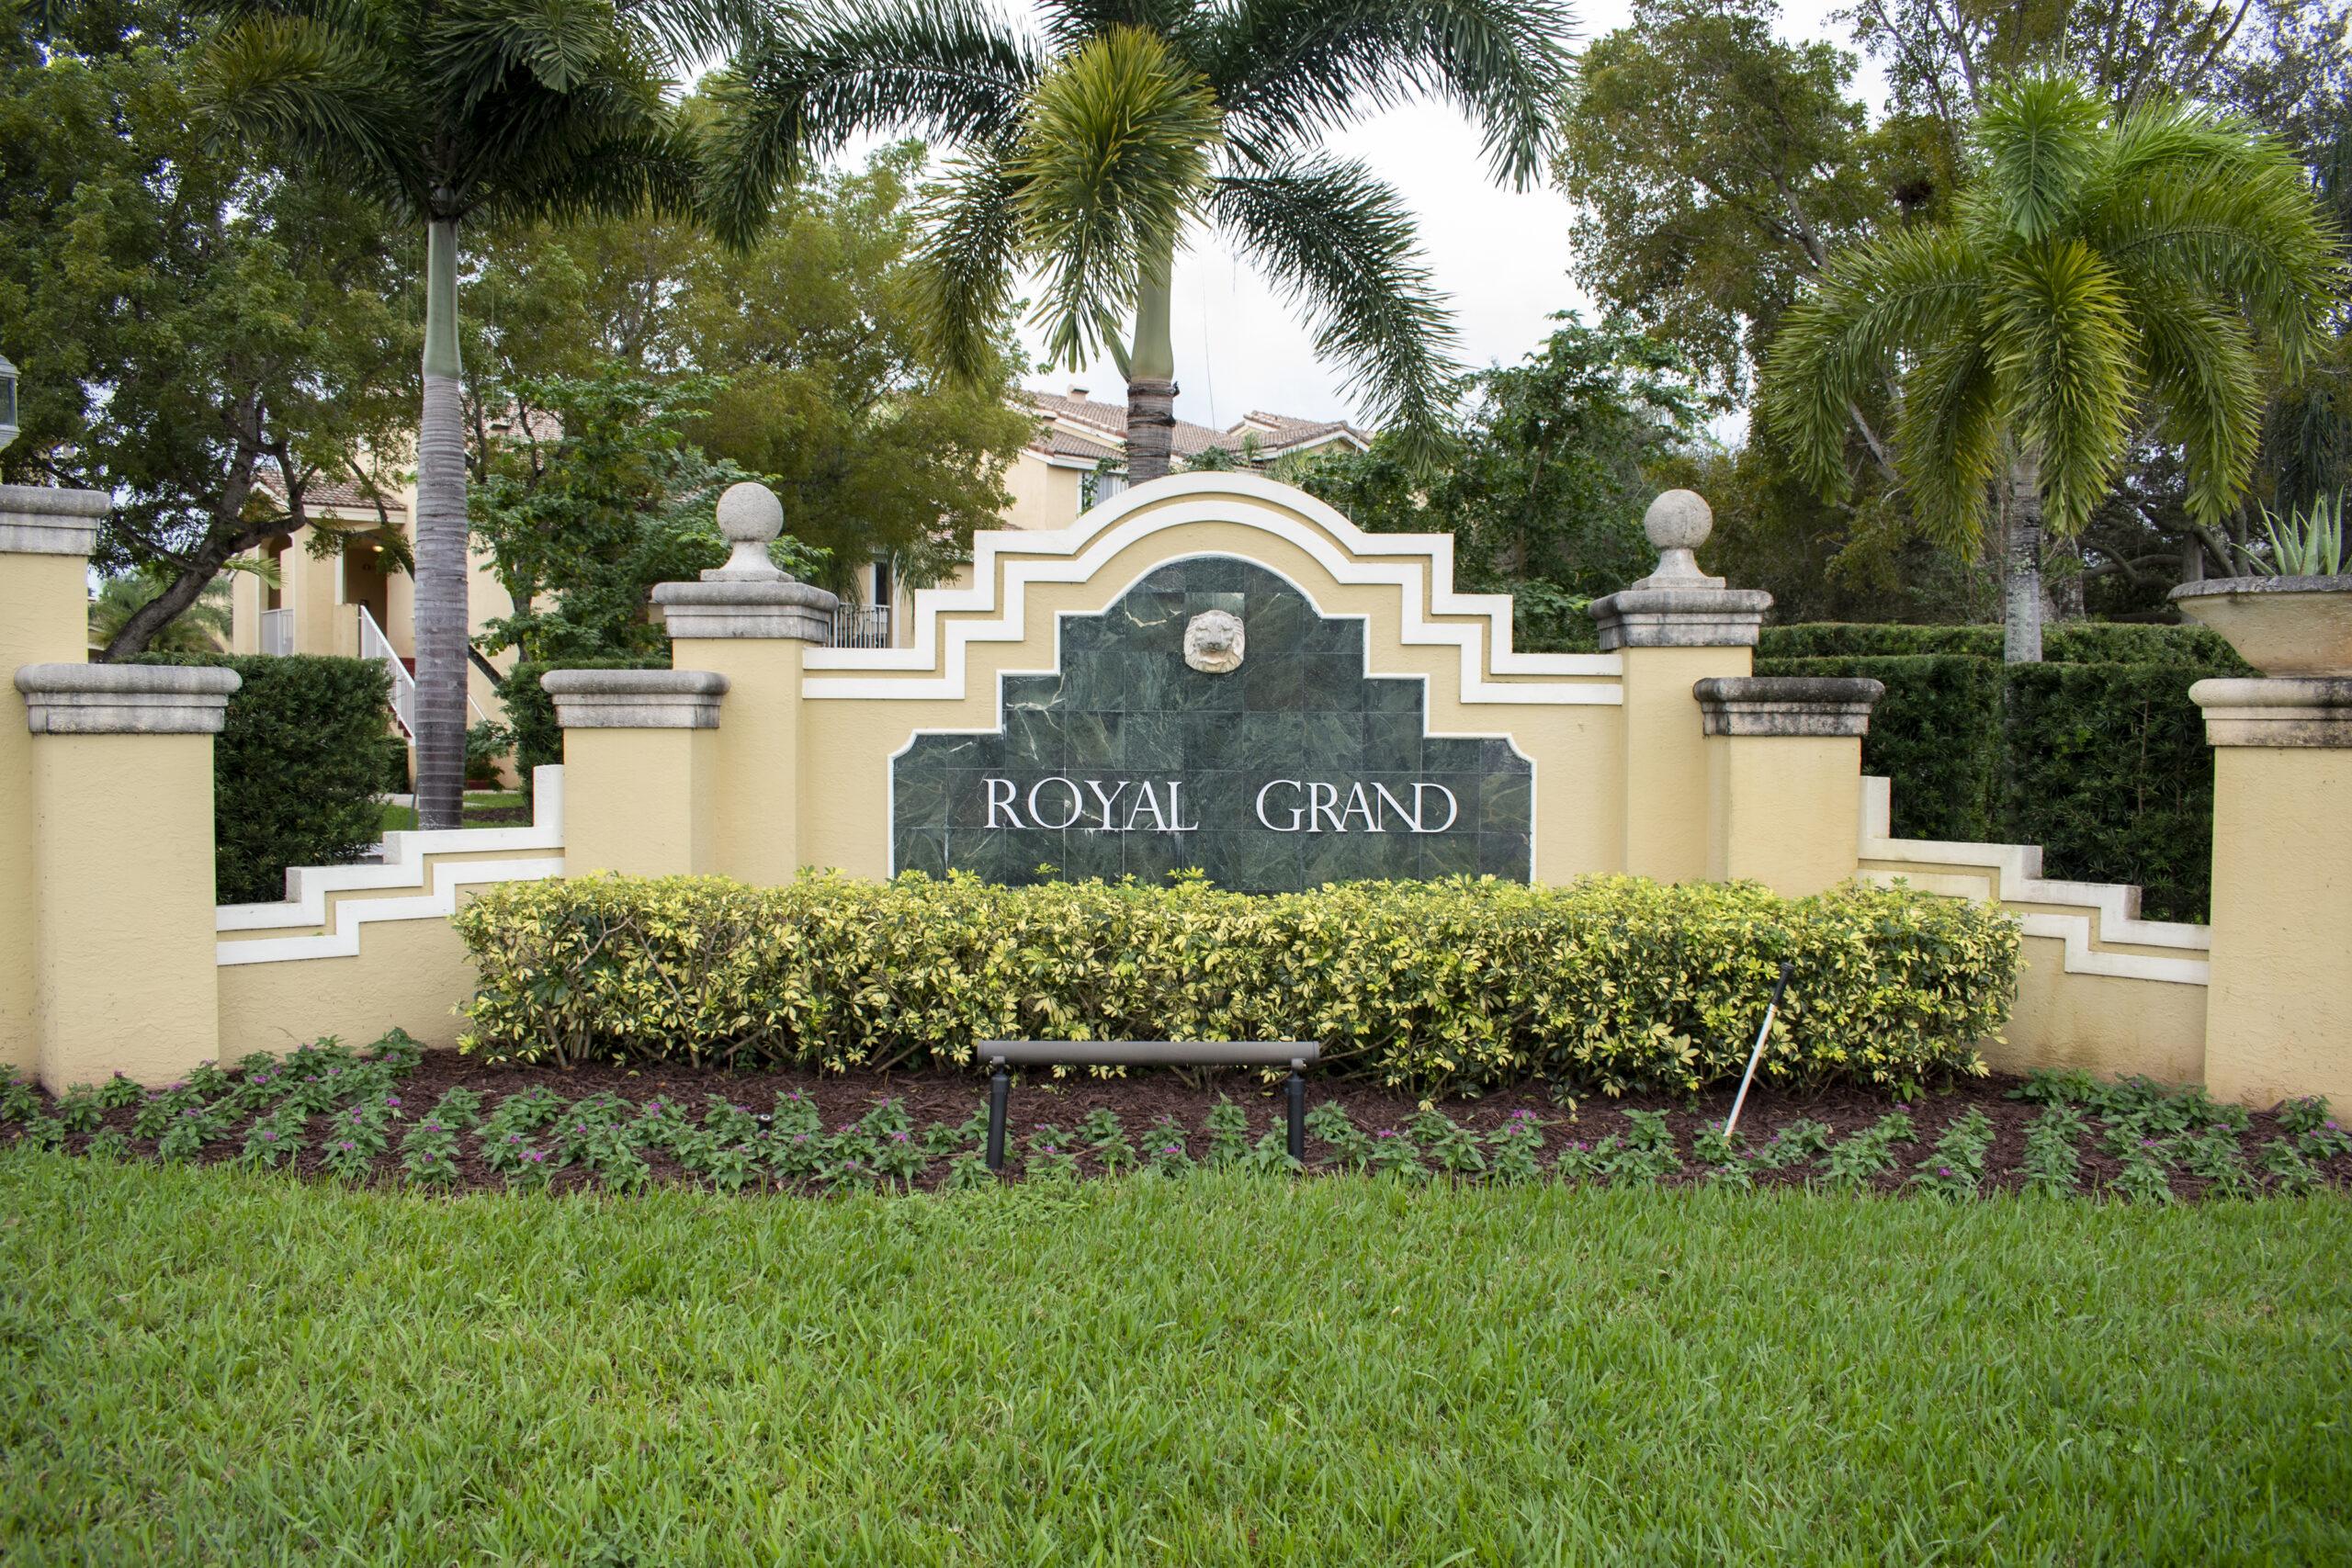 royal grand condo entrance sign davie florida